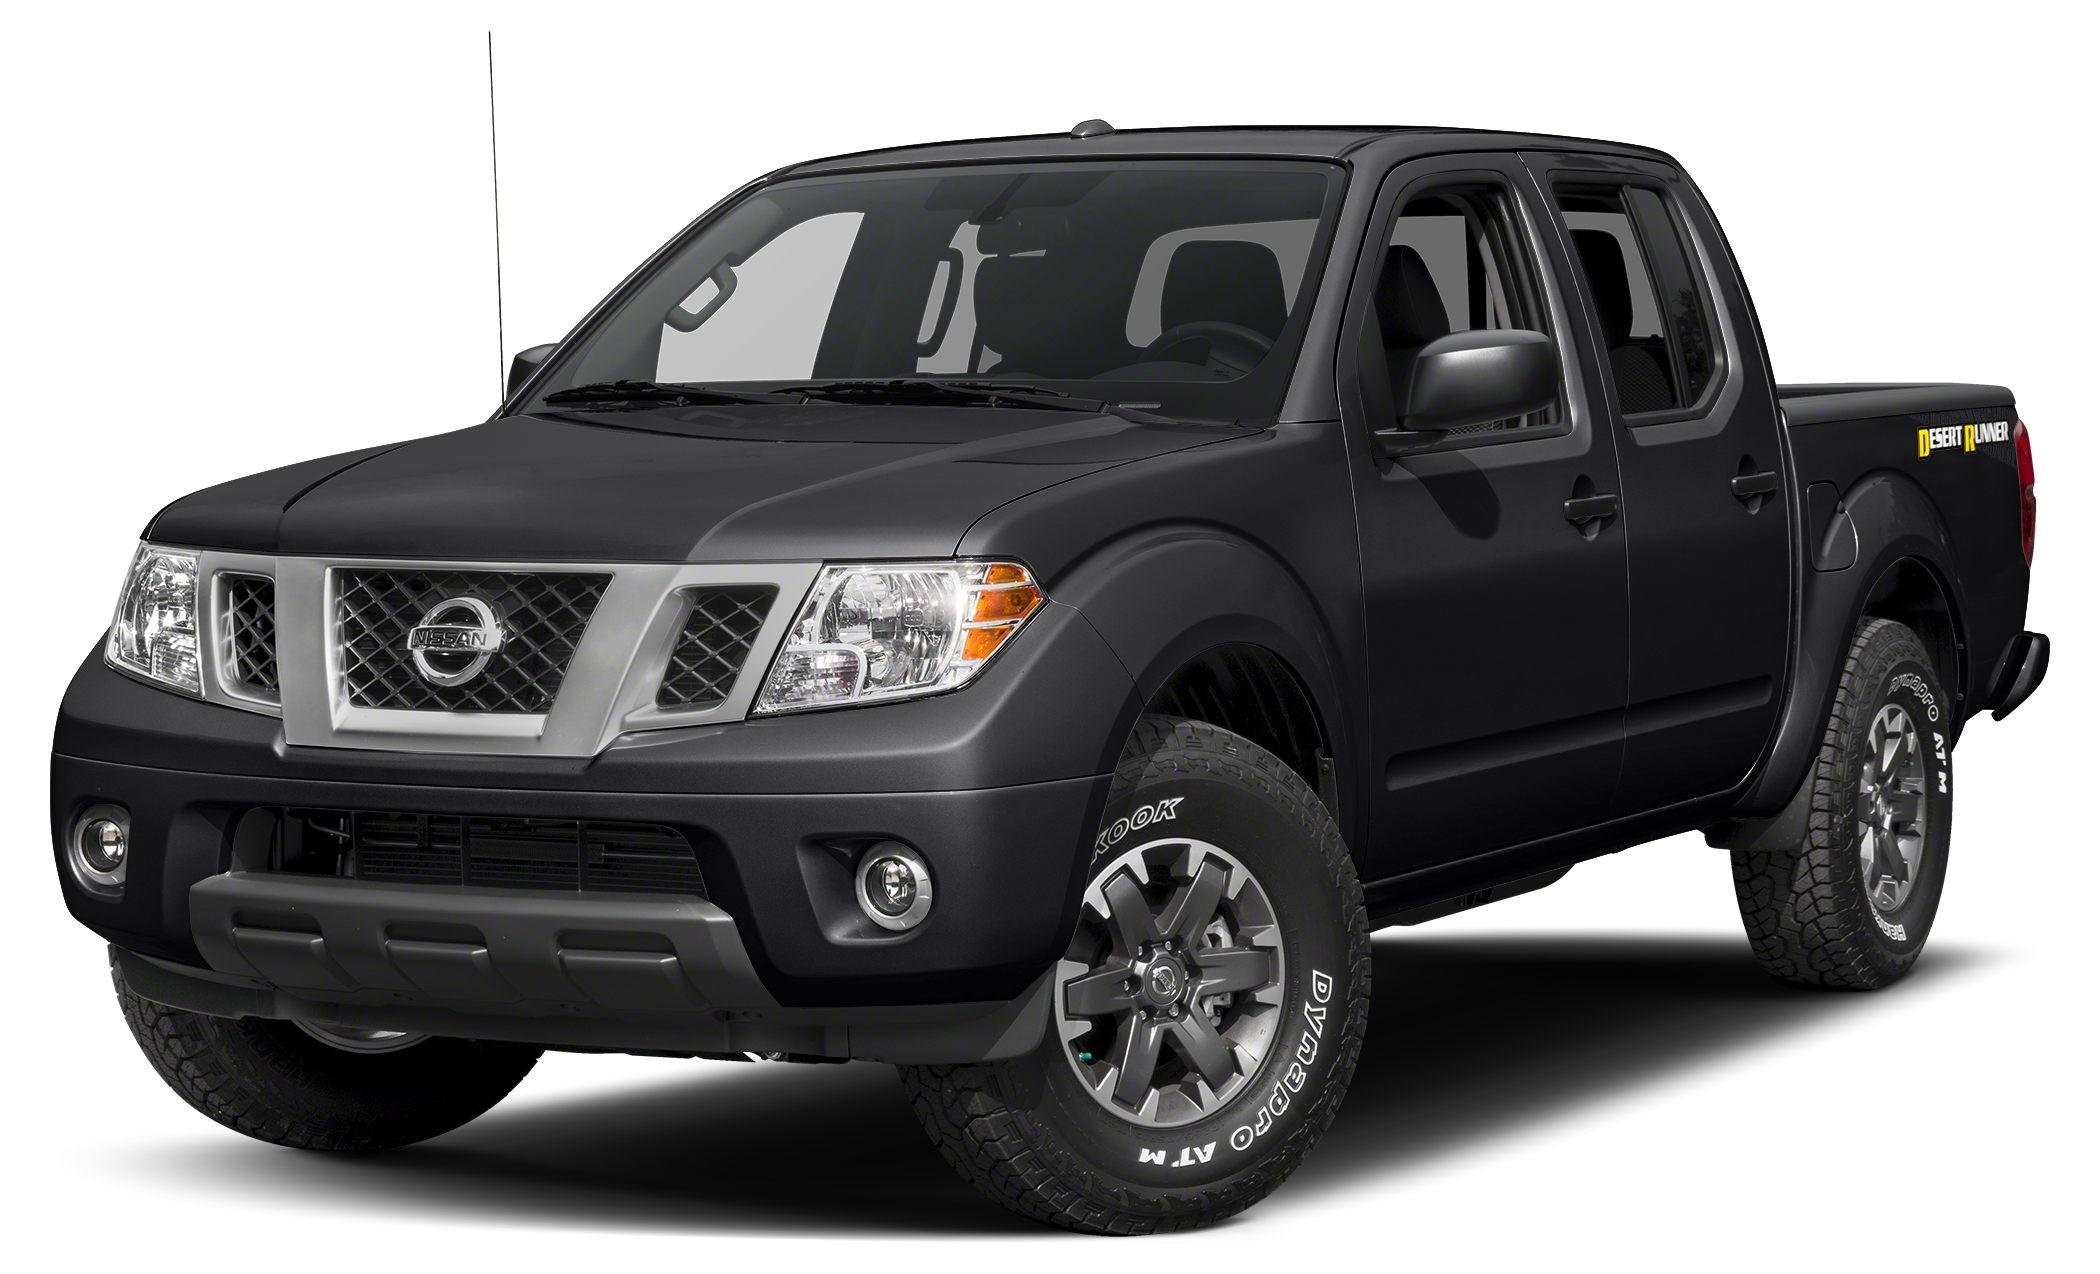 2017 Nissan Frontier Desert Runner New Arrival This 2017 Nissan Frontier Desert Runner will sell